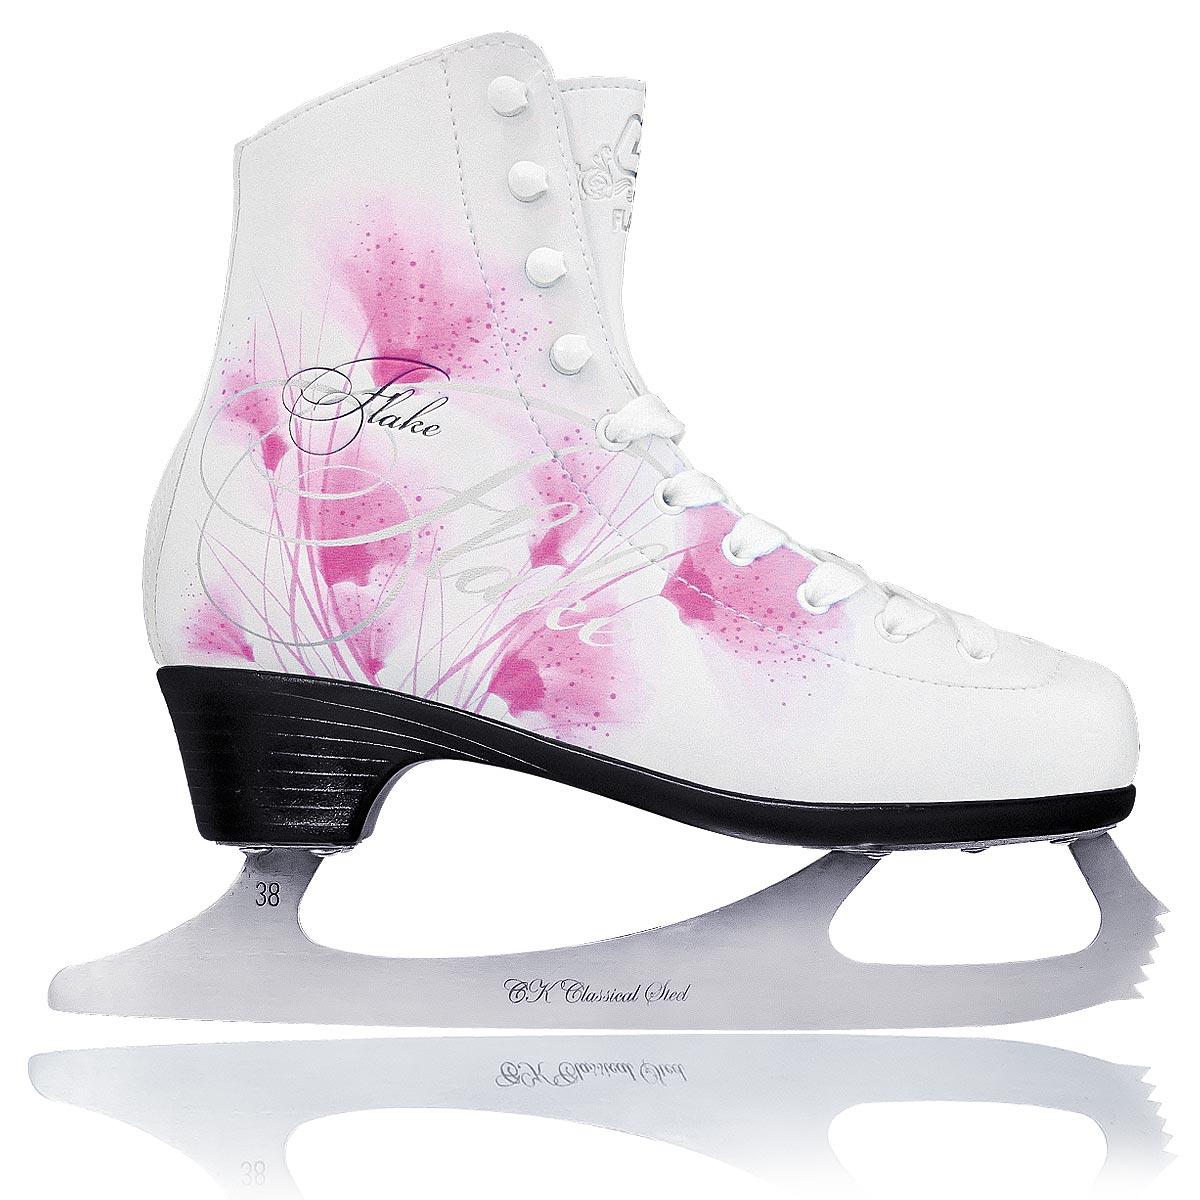 Коньки фигурные для девочки CK Flake Leather, цвет: белый, фуксия. Размер 33FLAKE leather_белый, фуксия_33Фигурные коньки от CK Flake Leather идеально подойдут для любительского катания. Модель выполнена из современной морозоустойчивой искусственной кожи с высокой, плотной колодкой и усиленным задником, обеспечивающим боковую поддержку ноги. Внутренняя поверхность из натуральной кожи обеспечивает удобство во время движения. Анатомический язычок из войлока и искусственной кожи идеально облегает стопу и повышает комфорт. Стелька из упругого пенного полимерного материала EVA предназначена для быстрой адаптации ботинка к индивидуальным формам ноги и ее комфортного положения. Ботинок полностью обволакивает ногу, обеспечивает прочную и удобную фиксацию ноги, а также повышенную защиту от ударов. Модель фиксируется на ноге классической шнуровкой. Лезвие выполнено из нержавеющей стали, оно обладает высокой твердостью и долго держит заточку. Модель имеет запатентованную форму лезвия. Уменьшенная передняя пластина и расположение точек опоры стоек оптимально располагают переднюю точку баланса и позволяют улучшить контроль при опоре на переднюю часть конька. Новая запатентованная подошва Graceful обладает элегантным дизайном, повышенной твердостью и пониженным весом. Более высокий каблук делает ногу более изящной и стройной, а также повышает управляемость и маневренность конька.